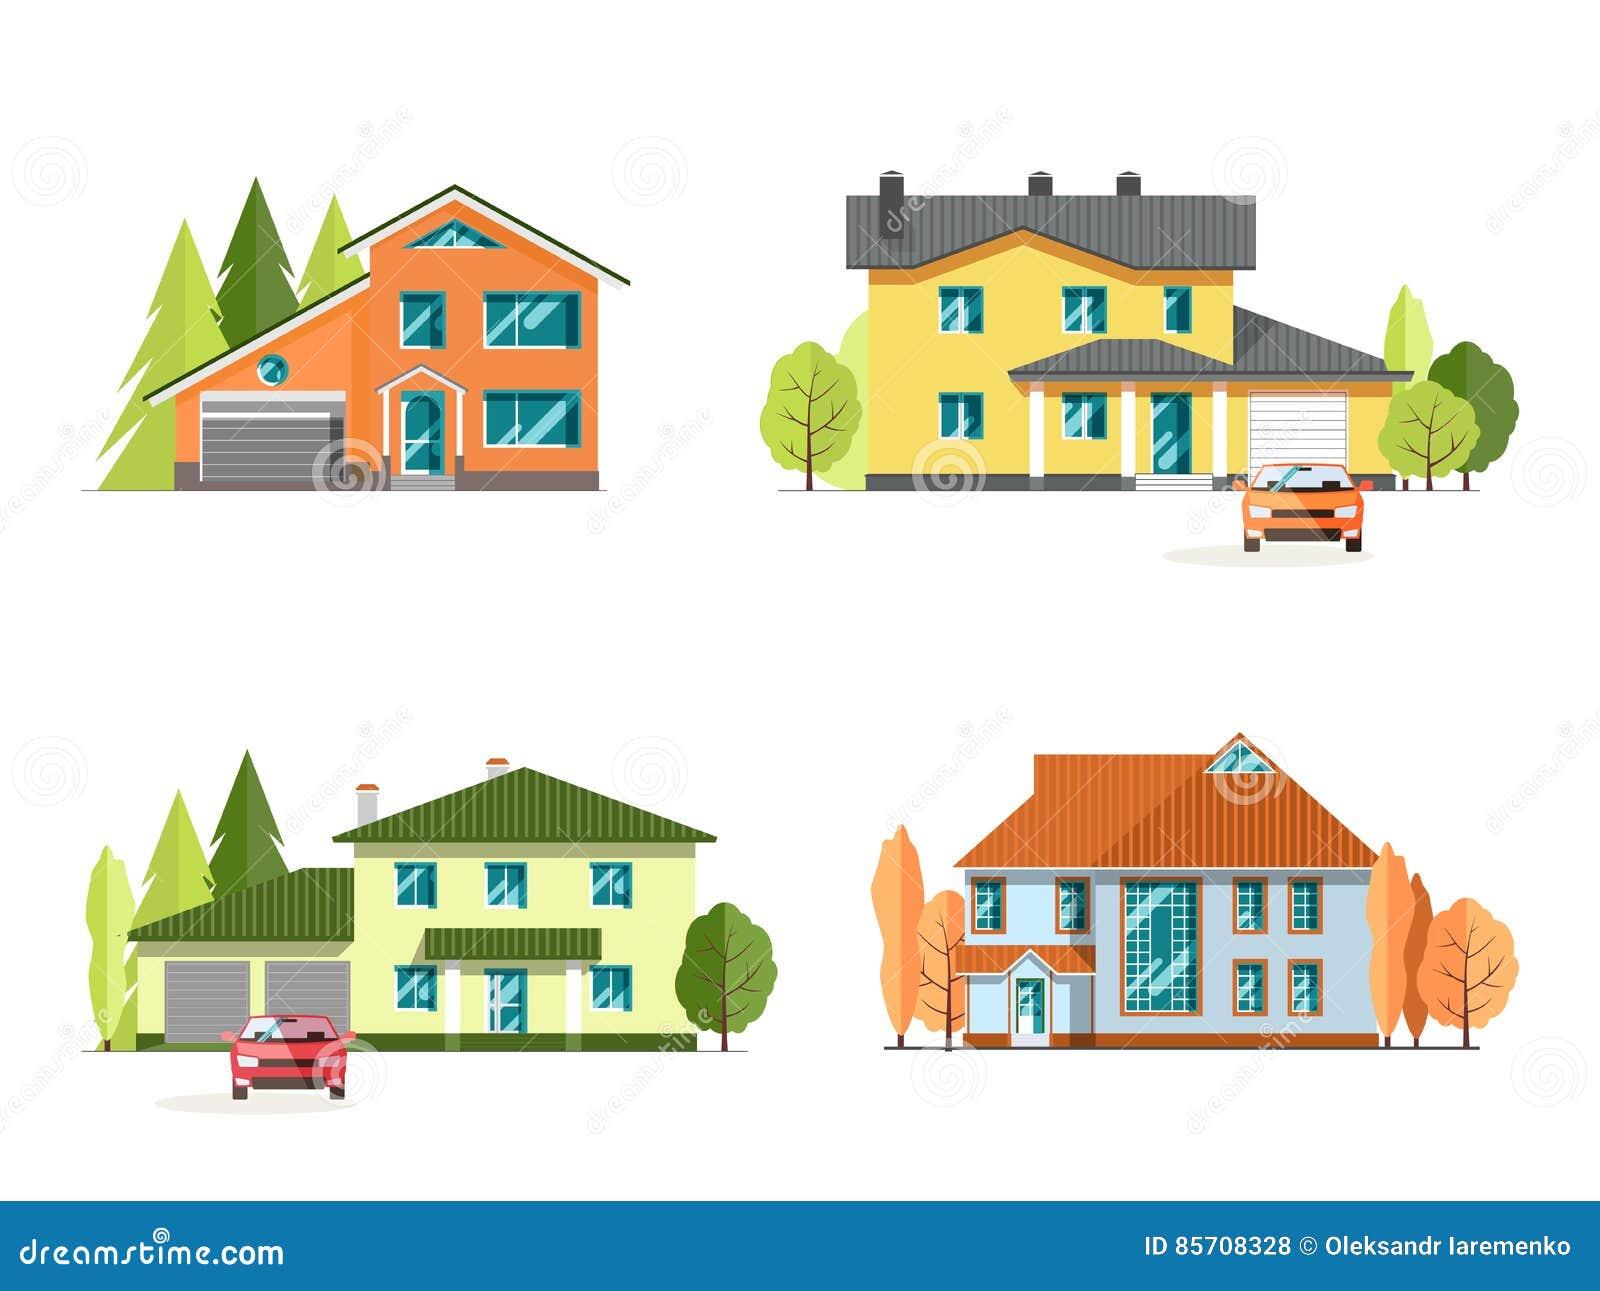 Reeks gedetailleerde kleurrijke plattelandshuisjehuizen Dit is dossier van EPS10-formaat Vlakke stijl moderne gebouwen